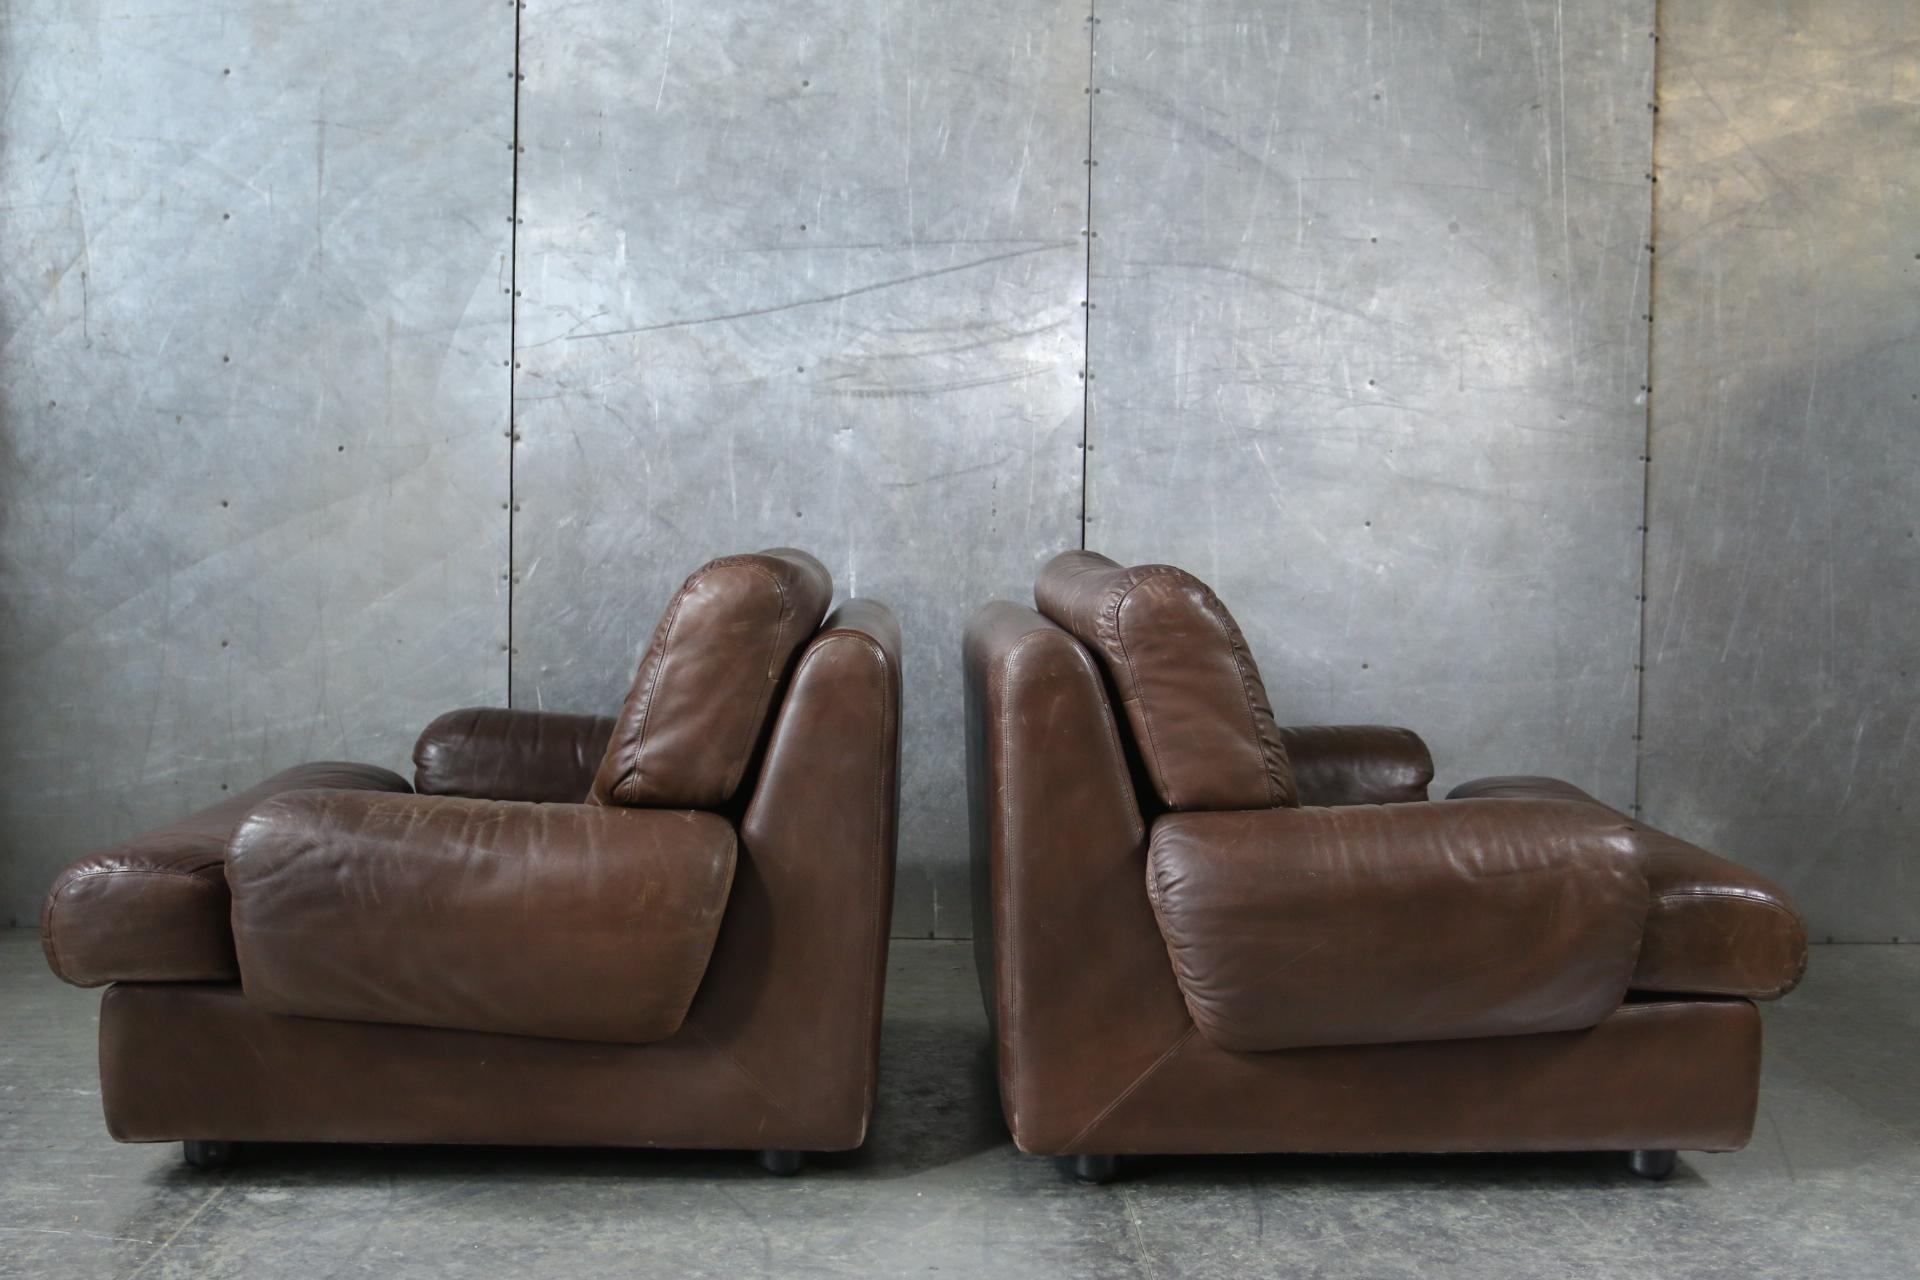 Lederen Relax Draaifauteuil.Vette Stoere Vintage Design Leren Relax Fauteuils Jaren 70